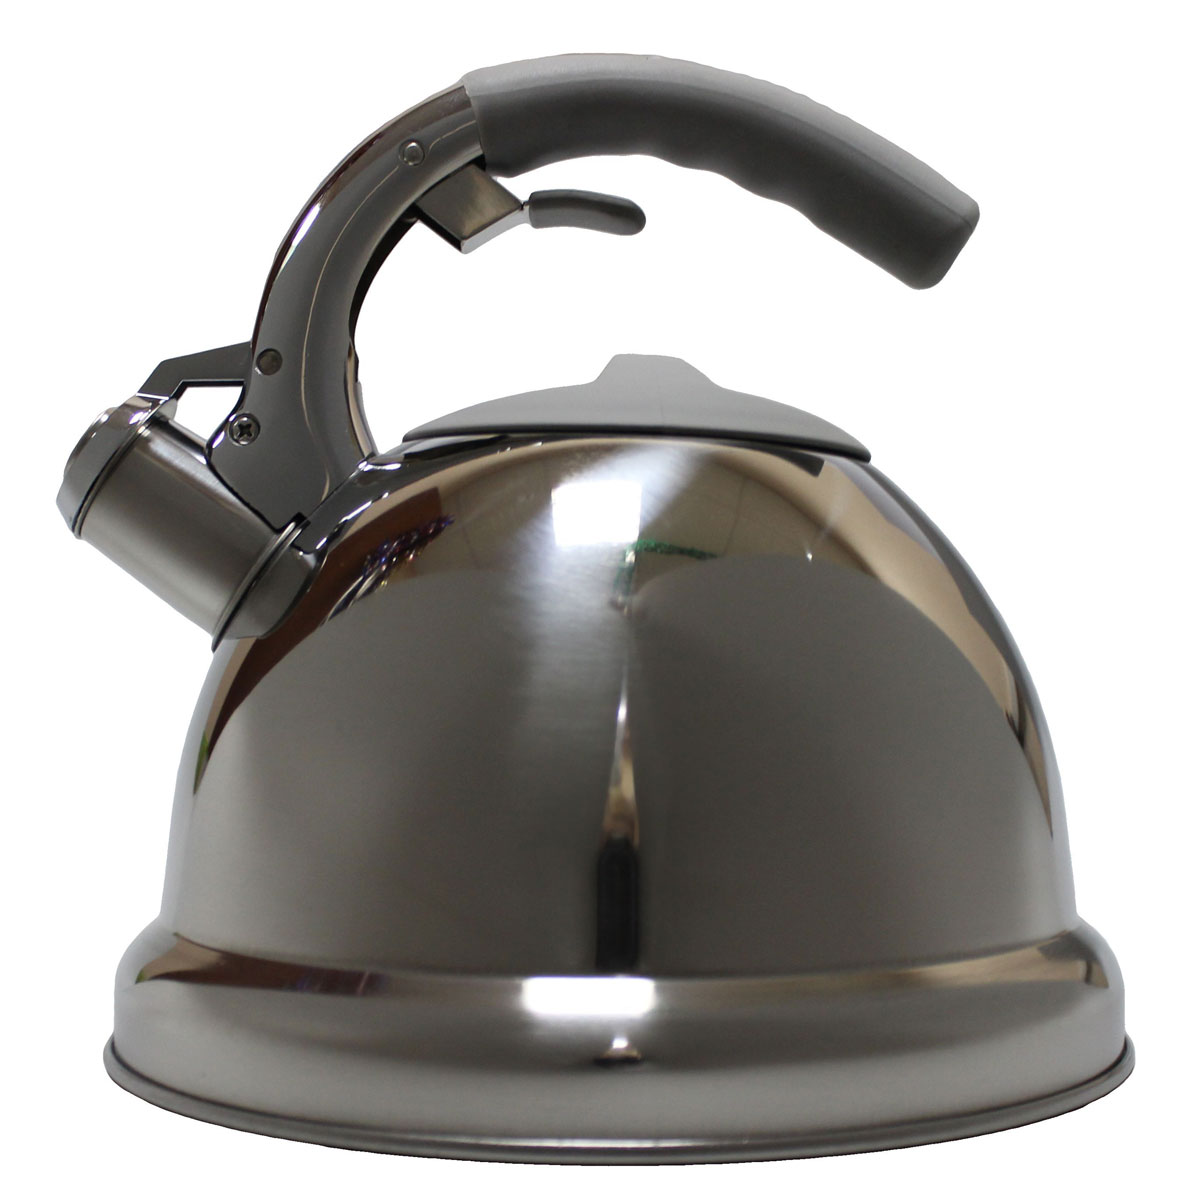 Чайник Vetta Вена, со свистком, 3 лL2520628Зеркальный чайник со свистком изготовлен из высококачественной нержавеющей стали.Нержавеющая сталь обладает высокой устойчивостью к коррозии, не вступает в реакцию с холодными и горячими продуктами и полностью сохраняет их вкусовые качества.Носик чайника имеет откидной свисток, звуковой сигнал которого подскажет, когда закипит вода.Подходит для всех типов плит, включая индукционные.